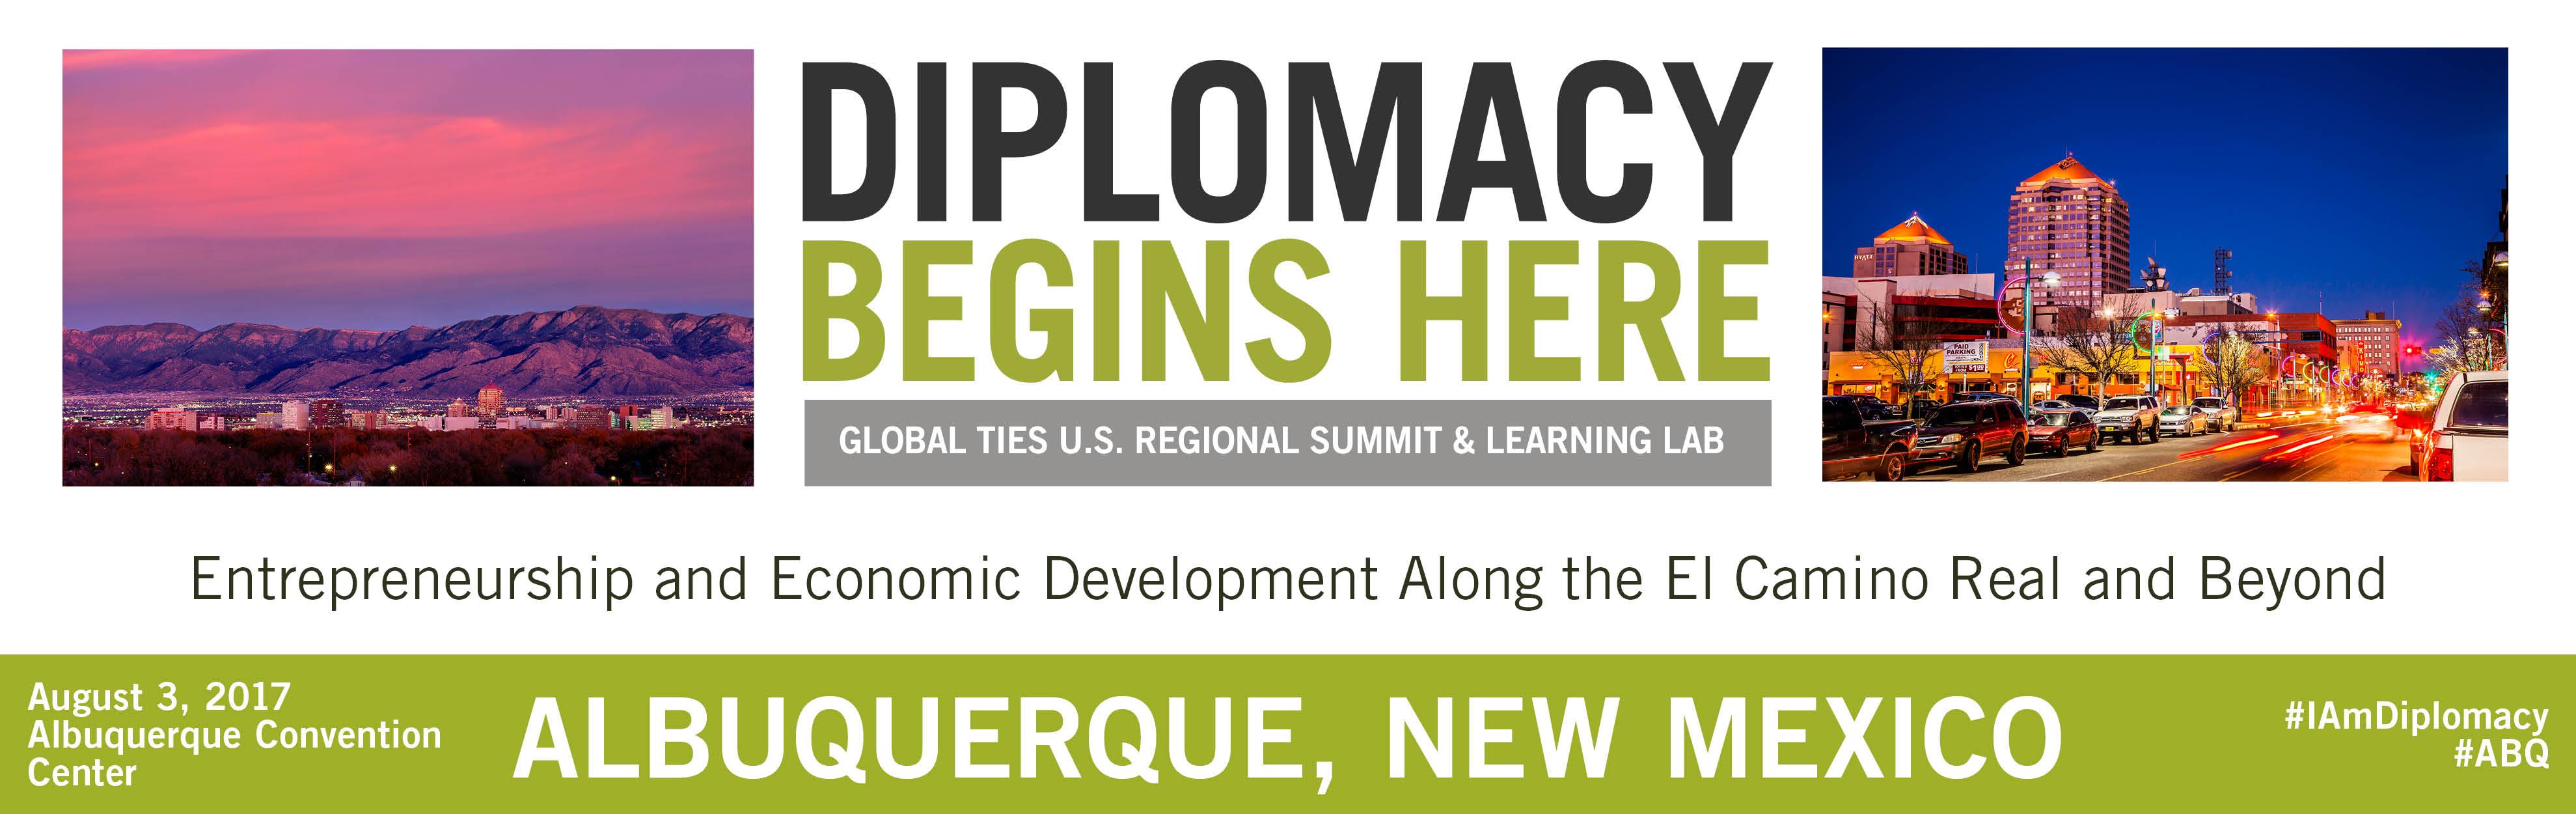 Albuquerque Web Banner